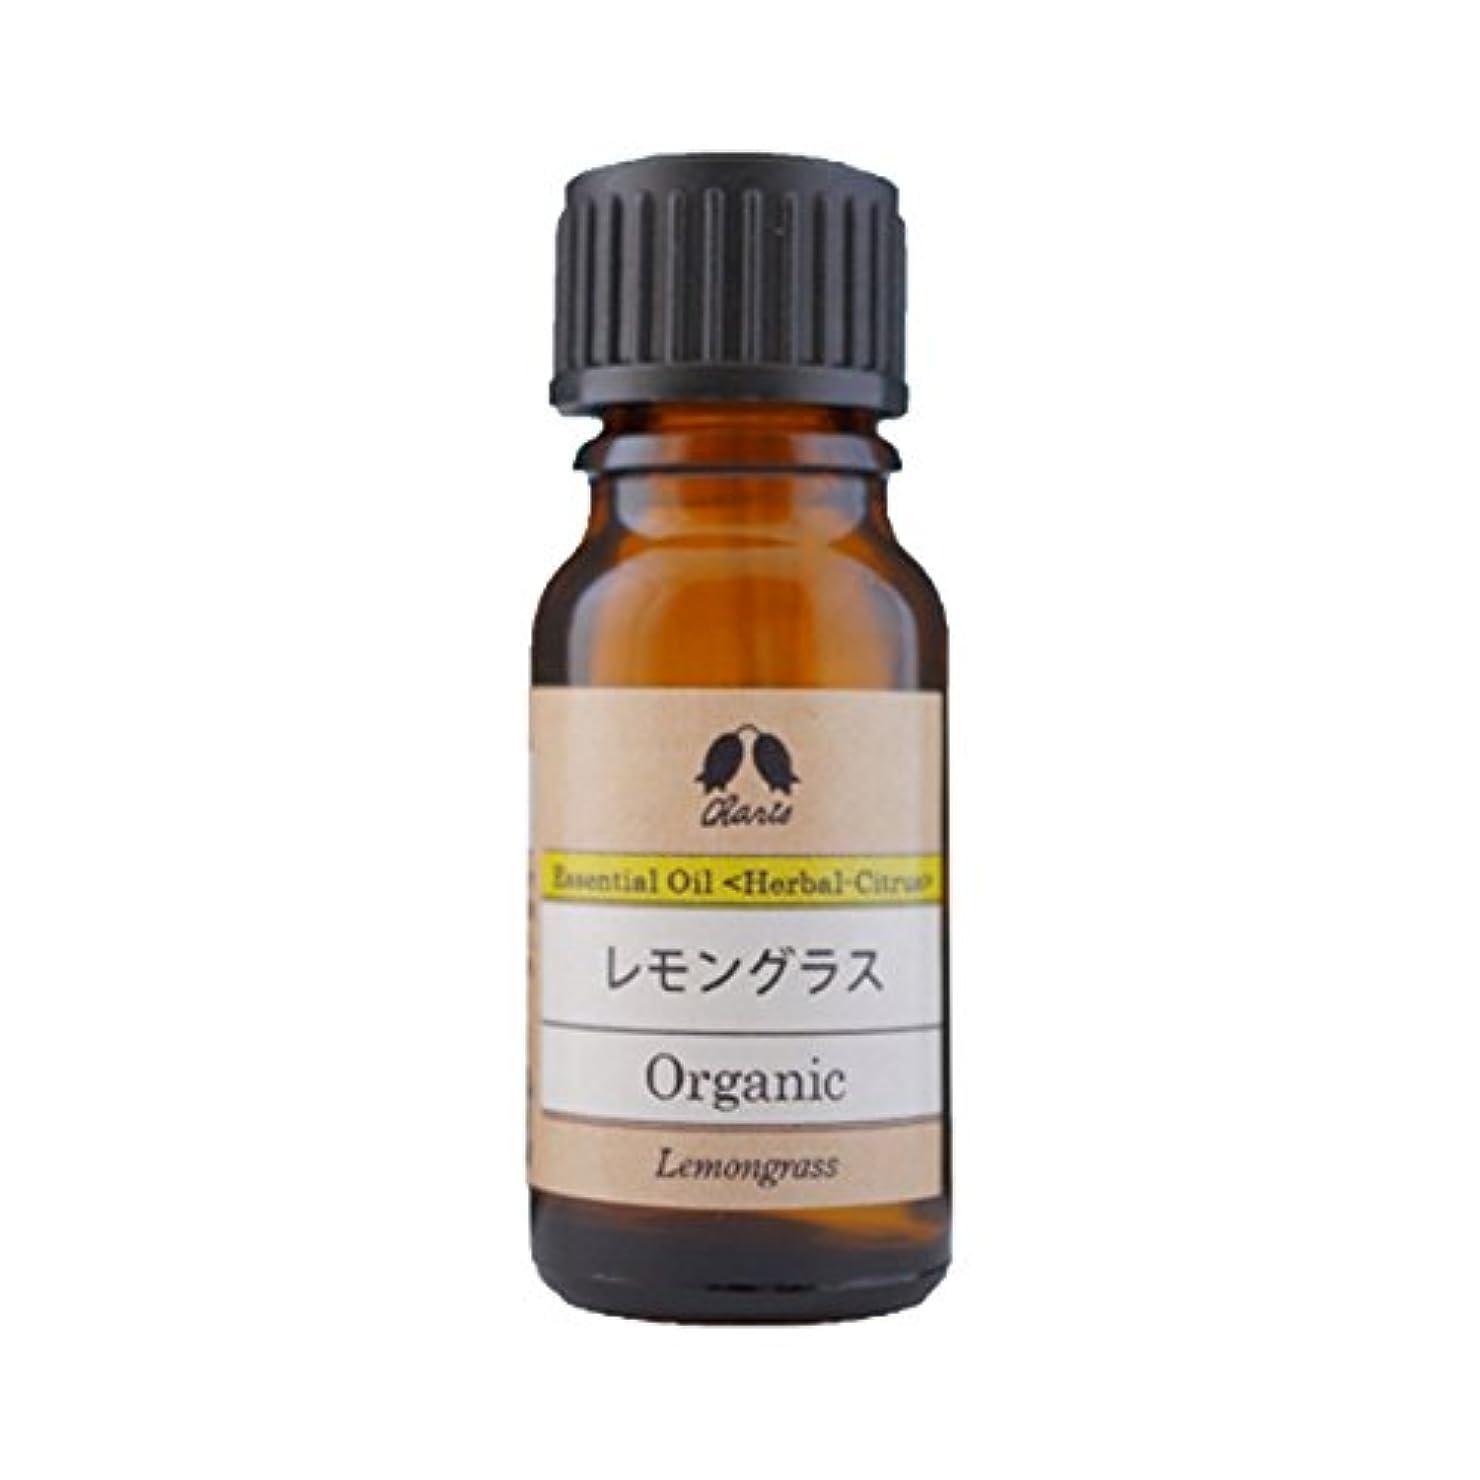 モート認める構成カリス エッセンシャルオイル レモングラス オーガニック オイル 10ml